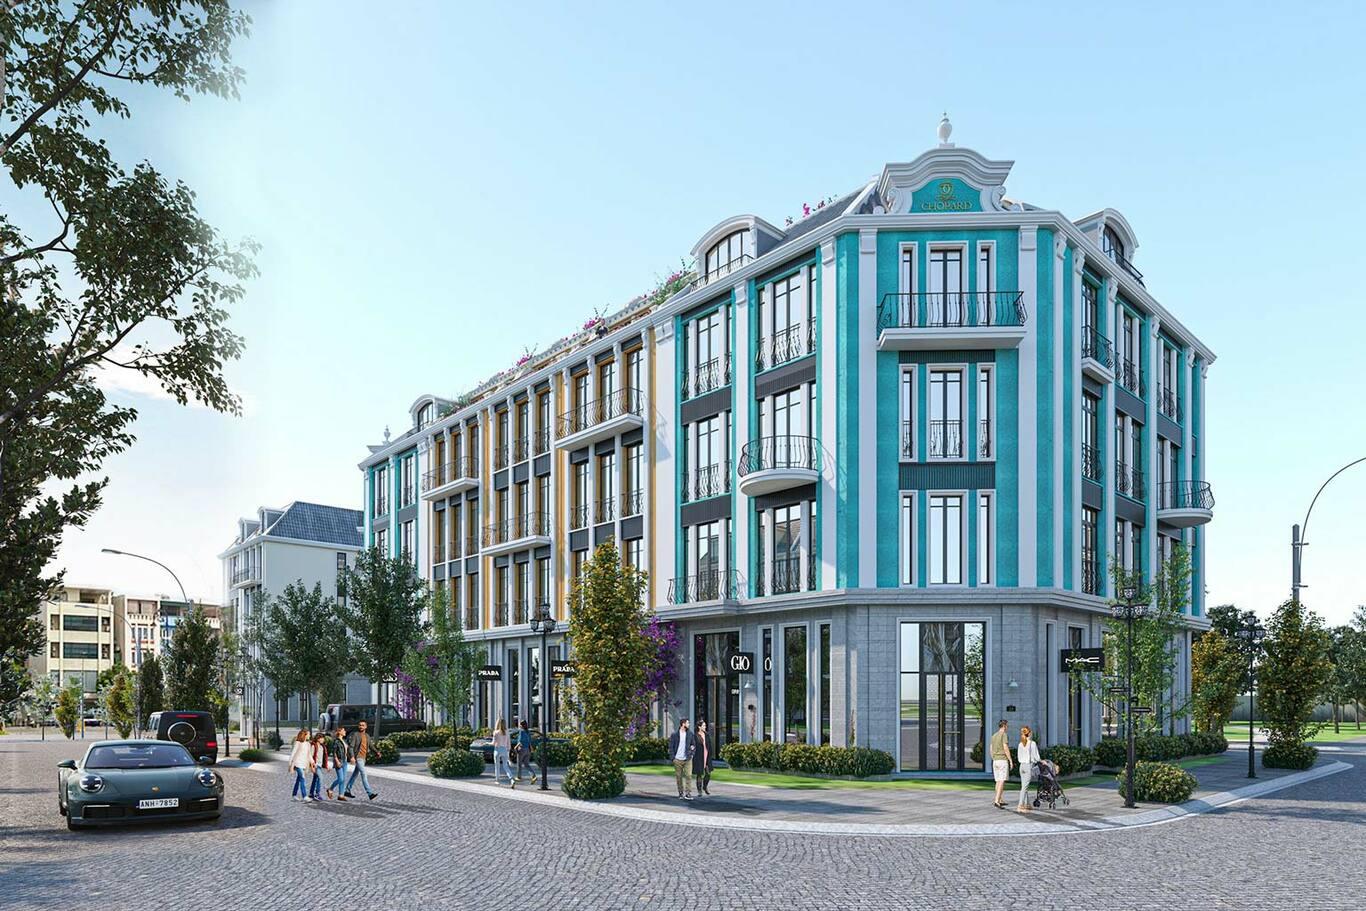 ShoptelLa Queenaracó diện tích từ 100 m2, được thiết kế cao 3 đến 4 tầng.